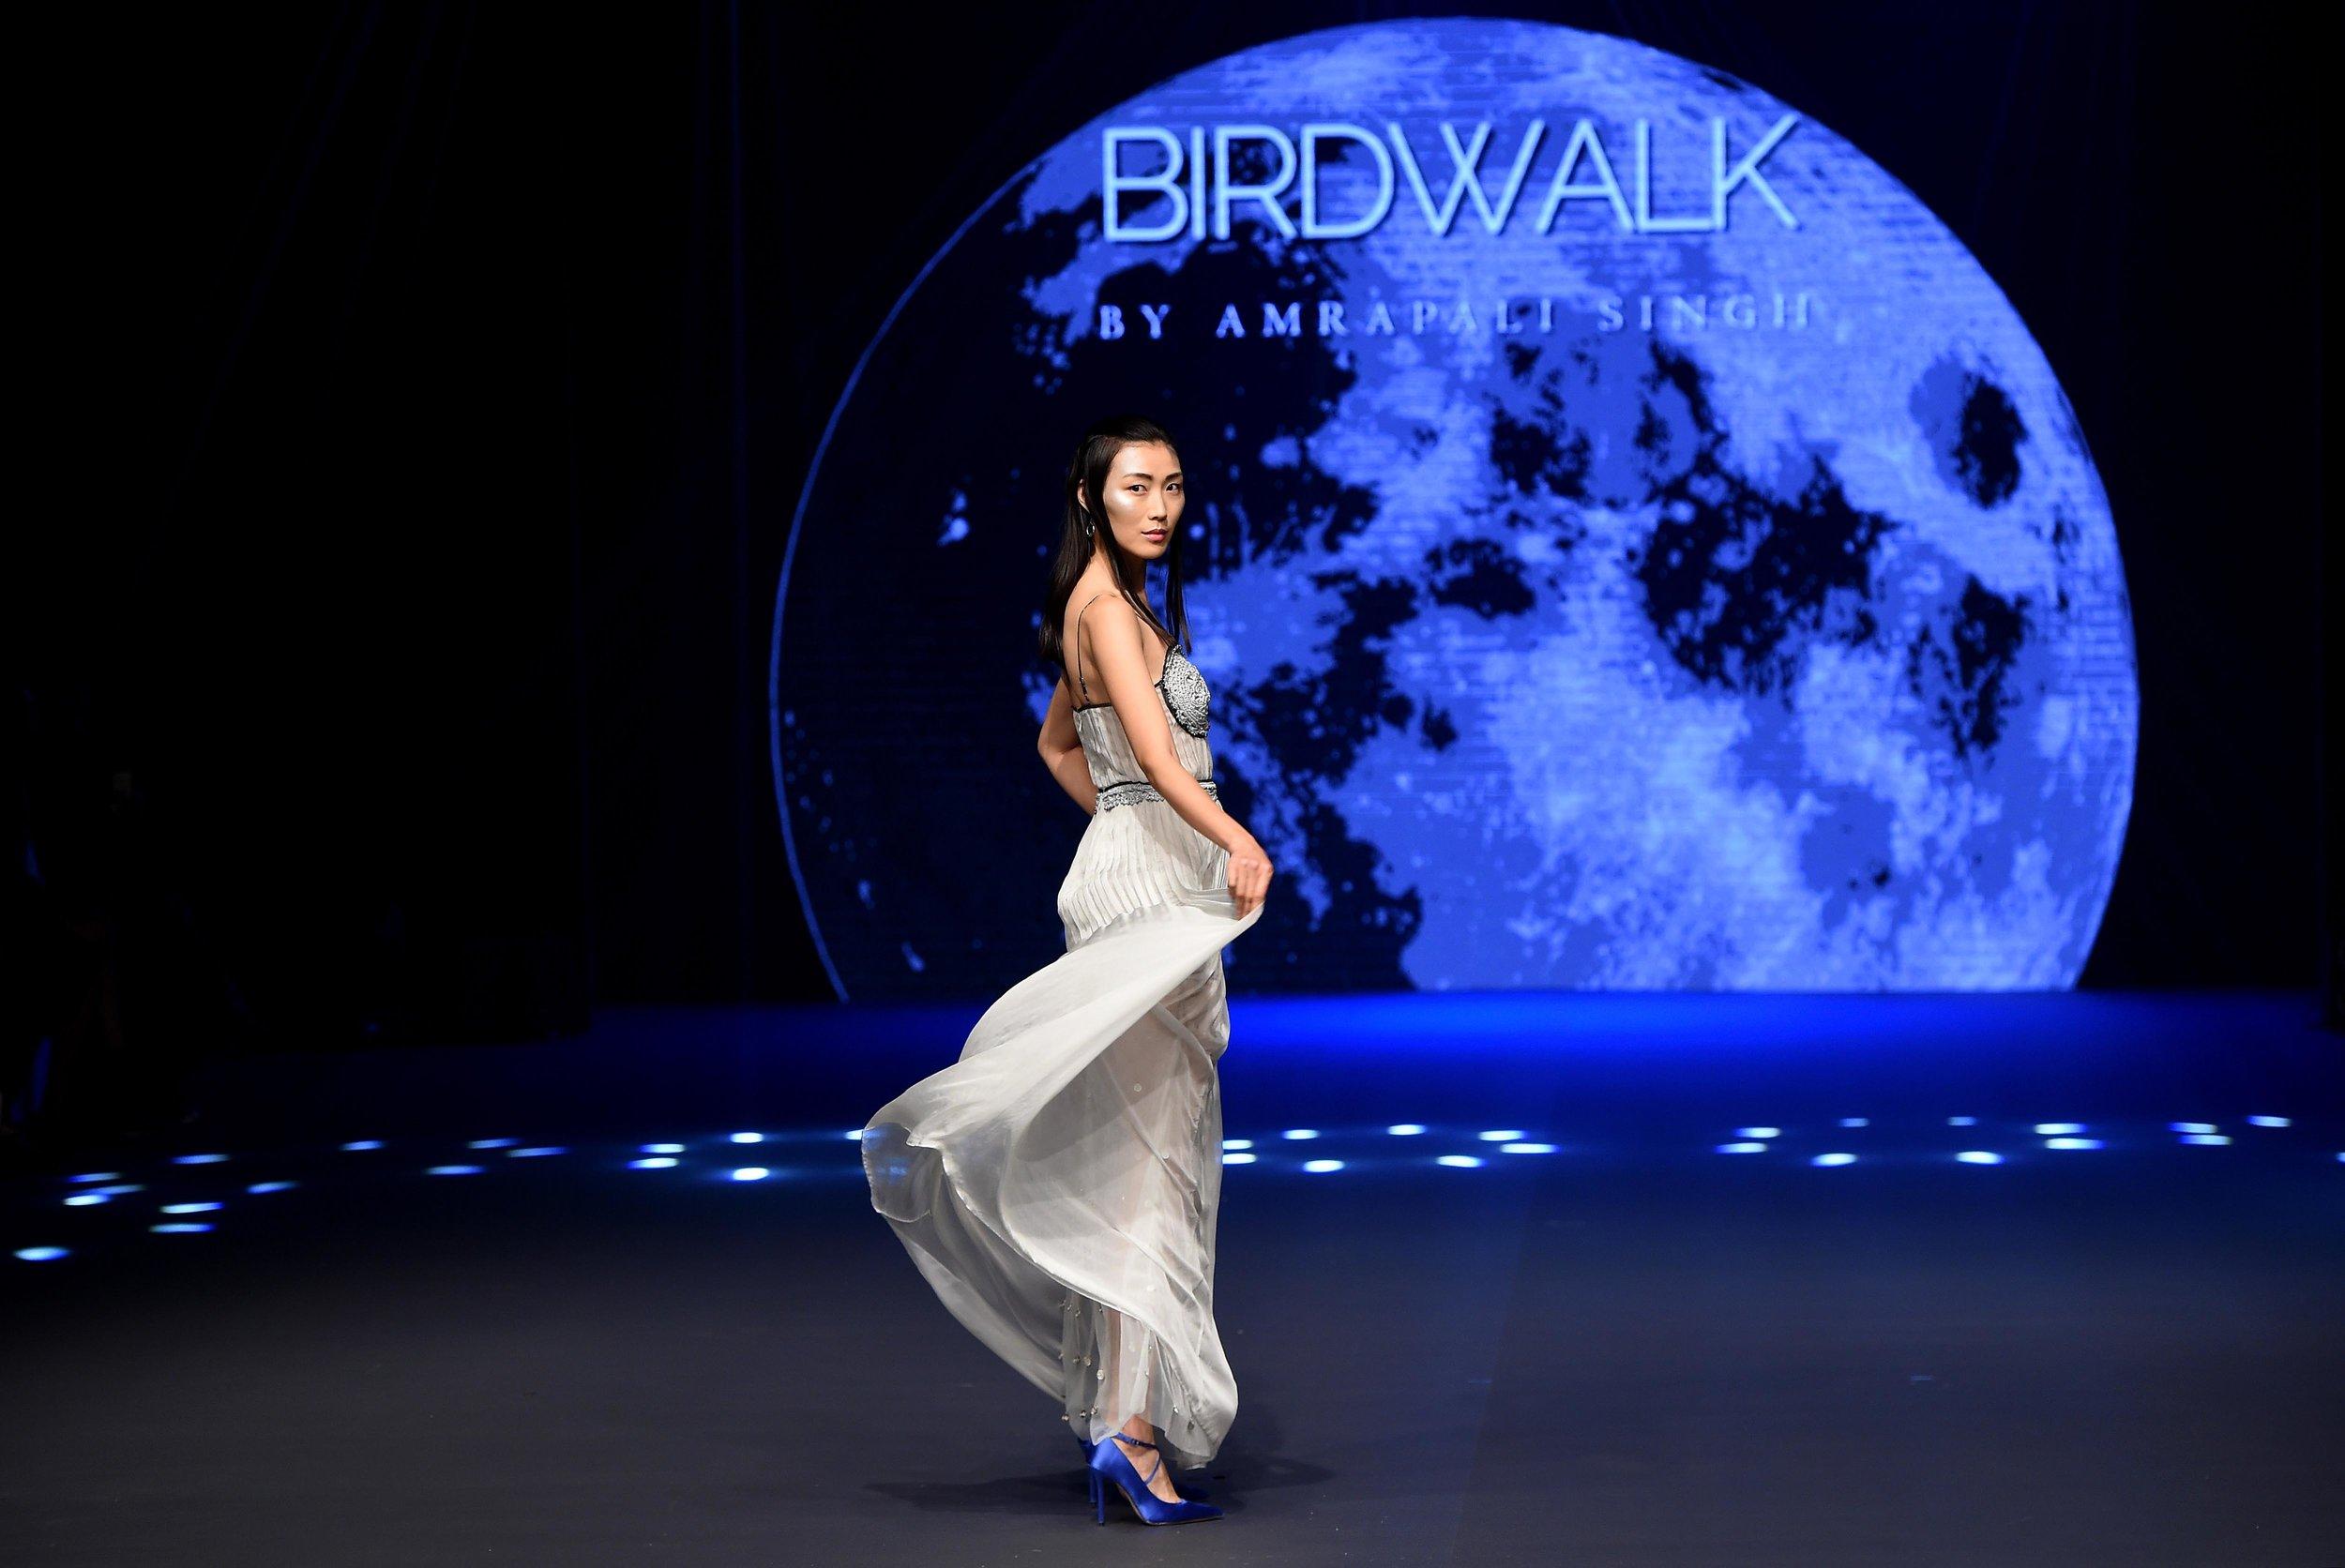 FFWD_6 Degree Vedika M Birdwalk_074.jpg